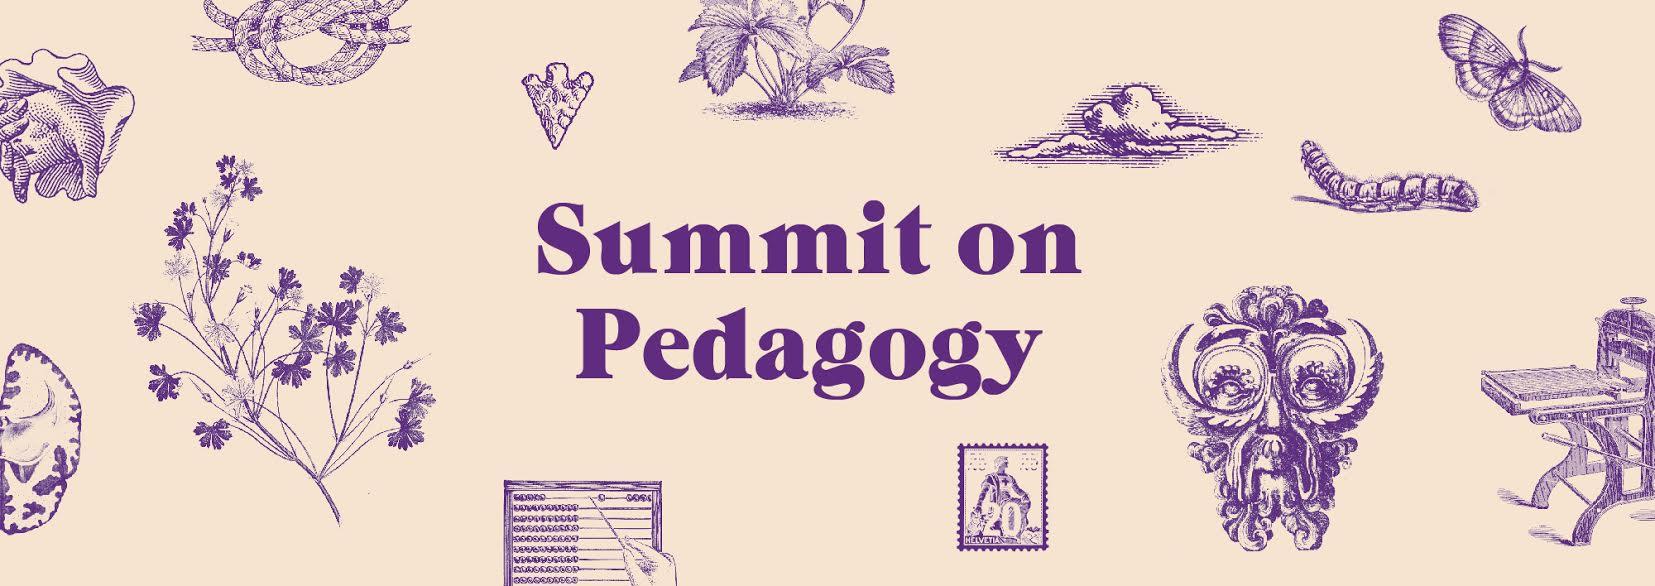 Pioneer Works - Summit on Pedagogy